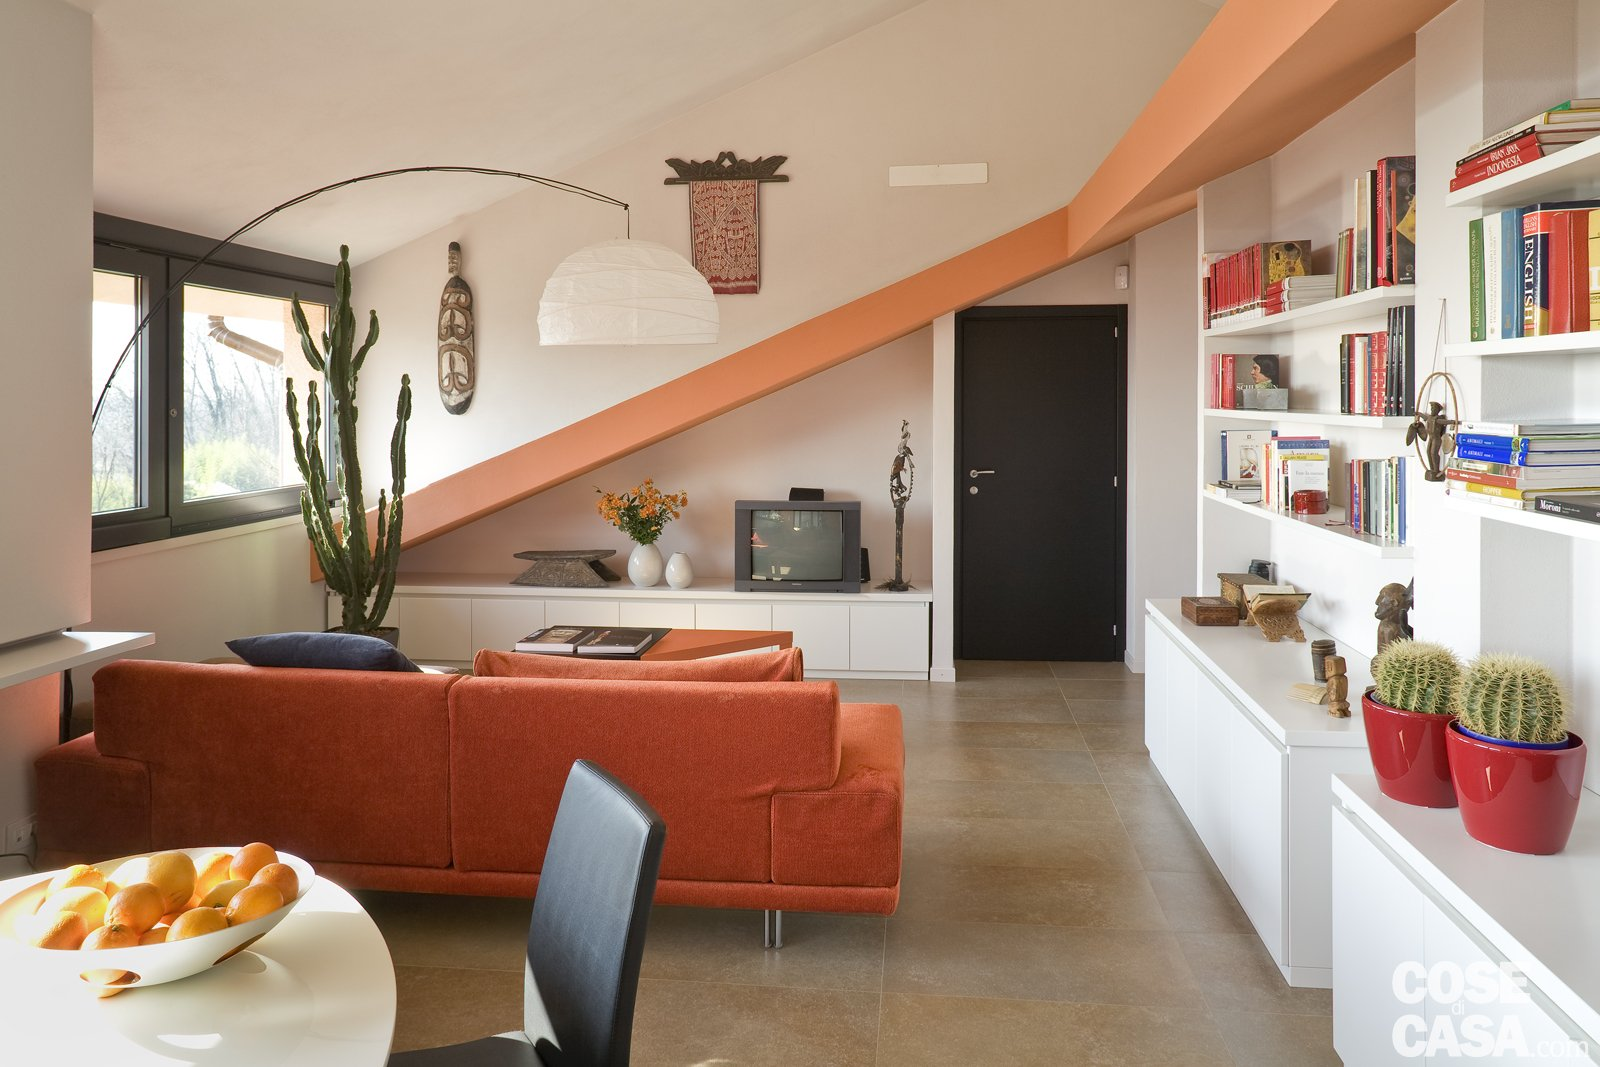 Casa in mansarda con le soluzioni giuste per gli spazi for Arredare il salone di casa